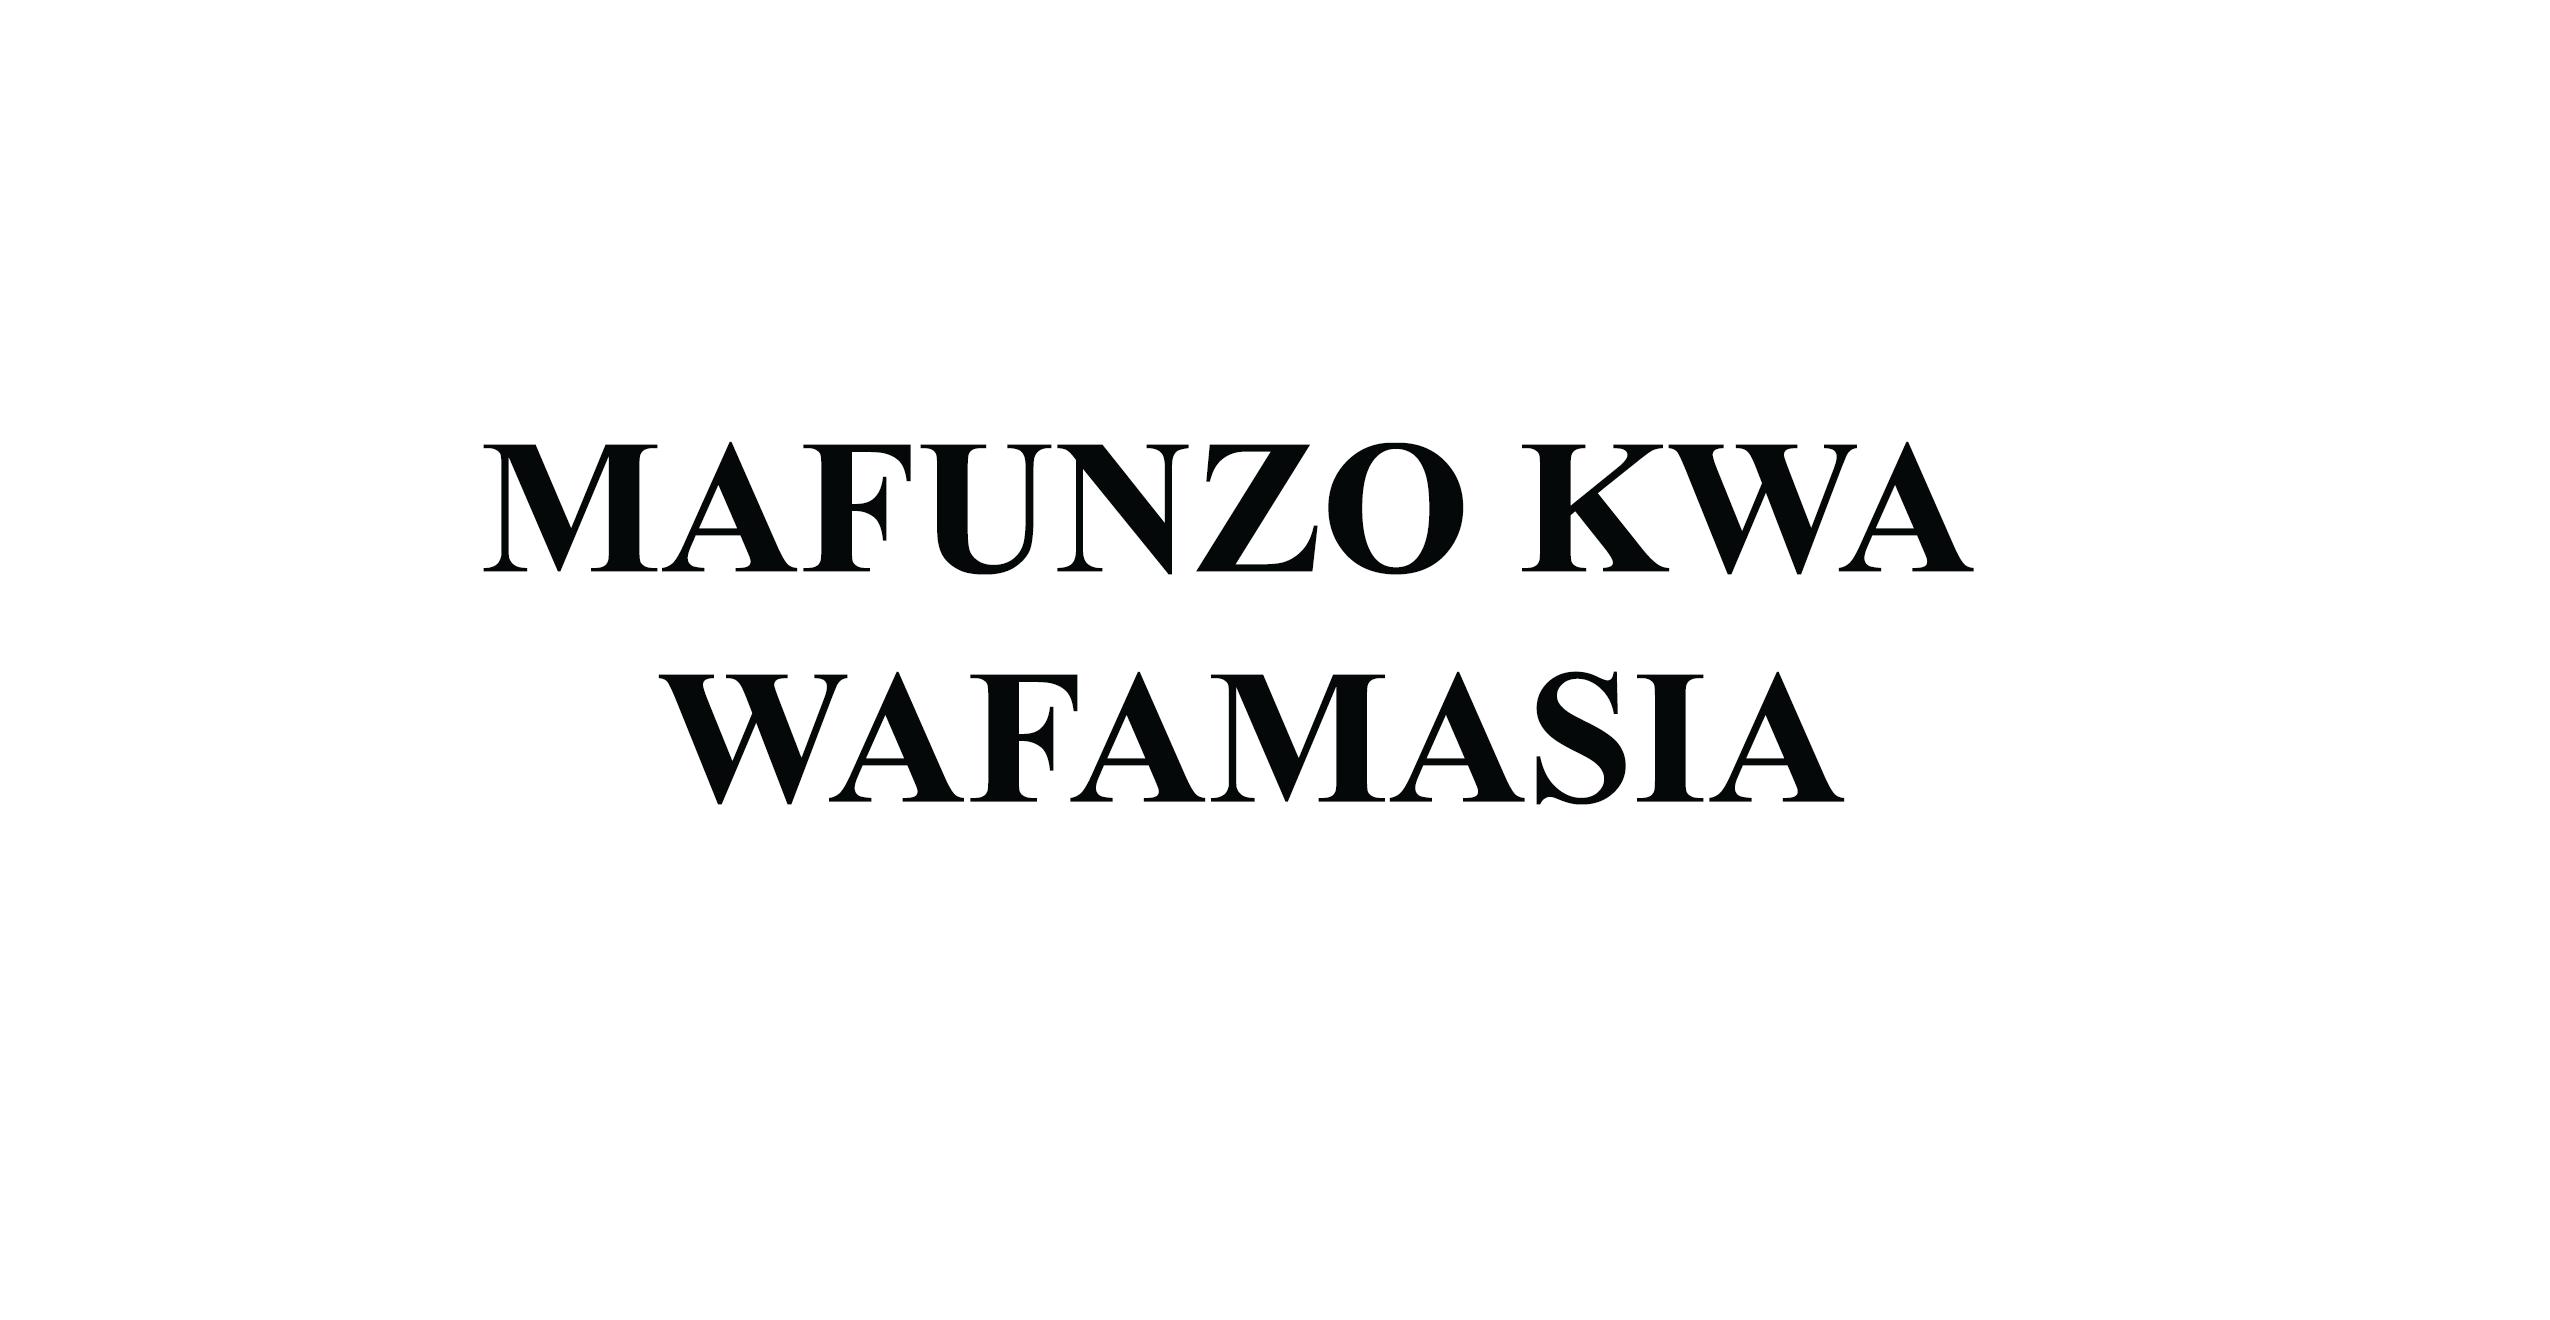 MAFUNZO KWA WAFAMASIA